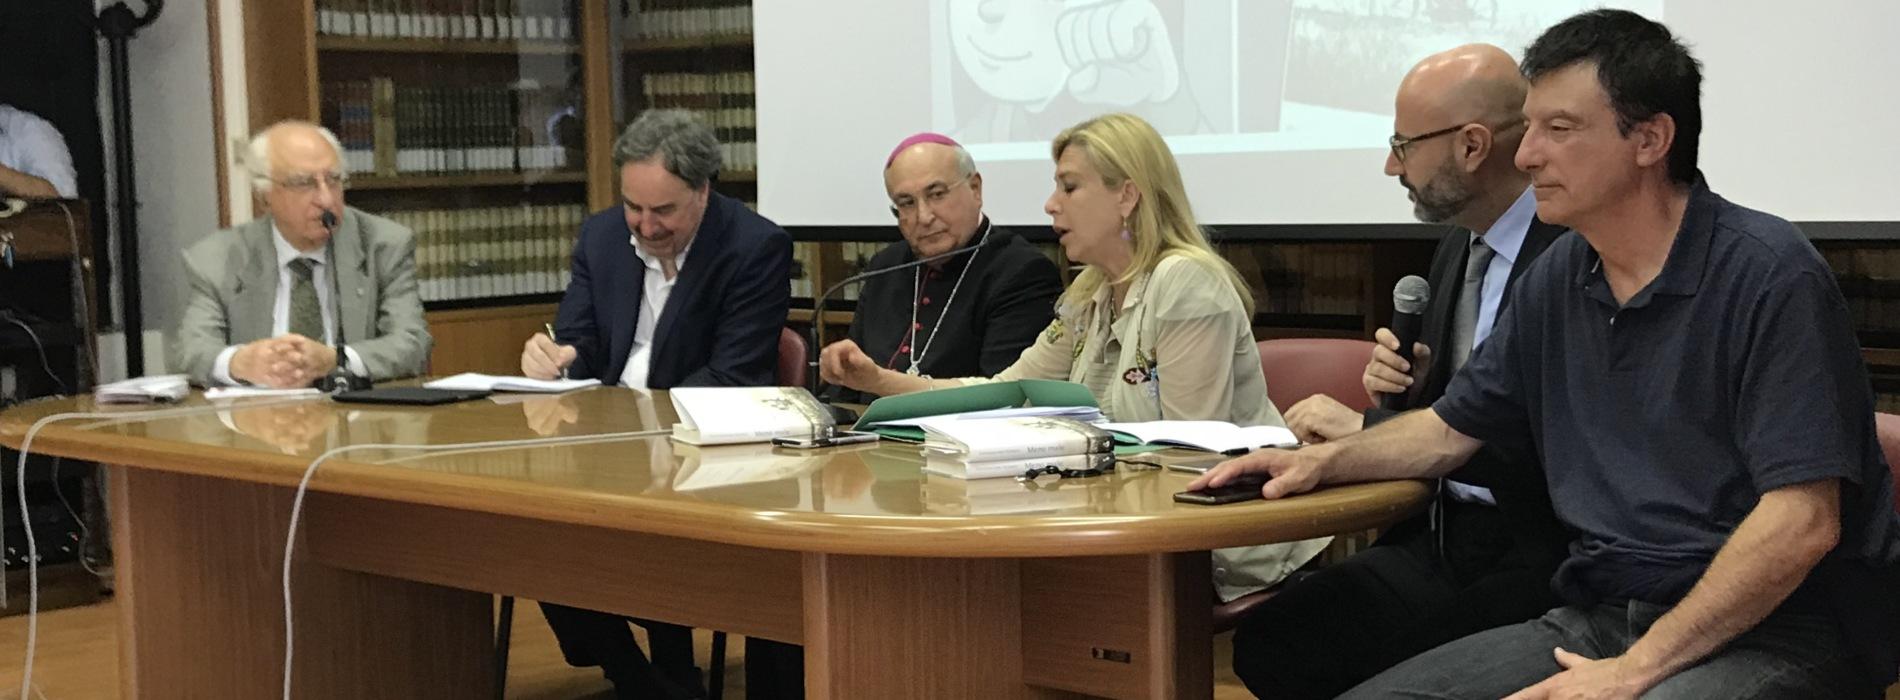 Buone notizie a Caserta, un premio per le scuole da 10 e lode